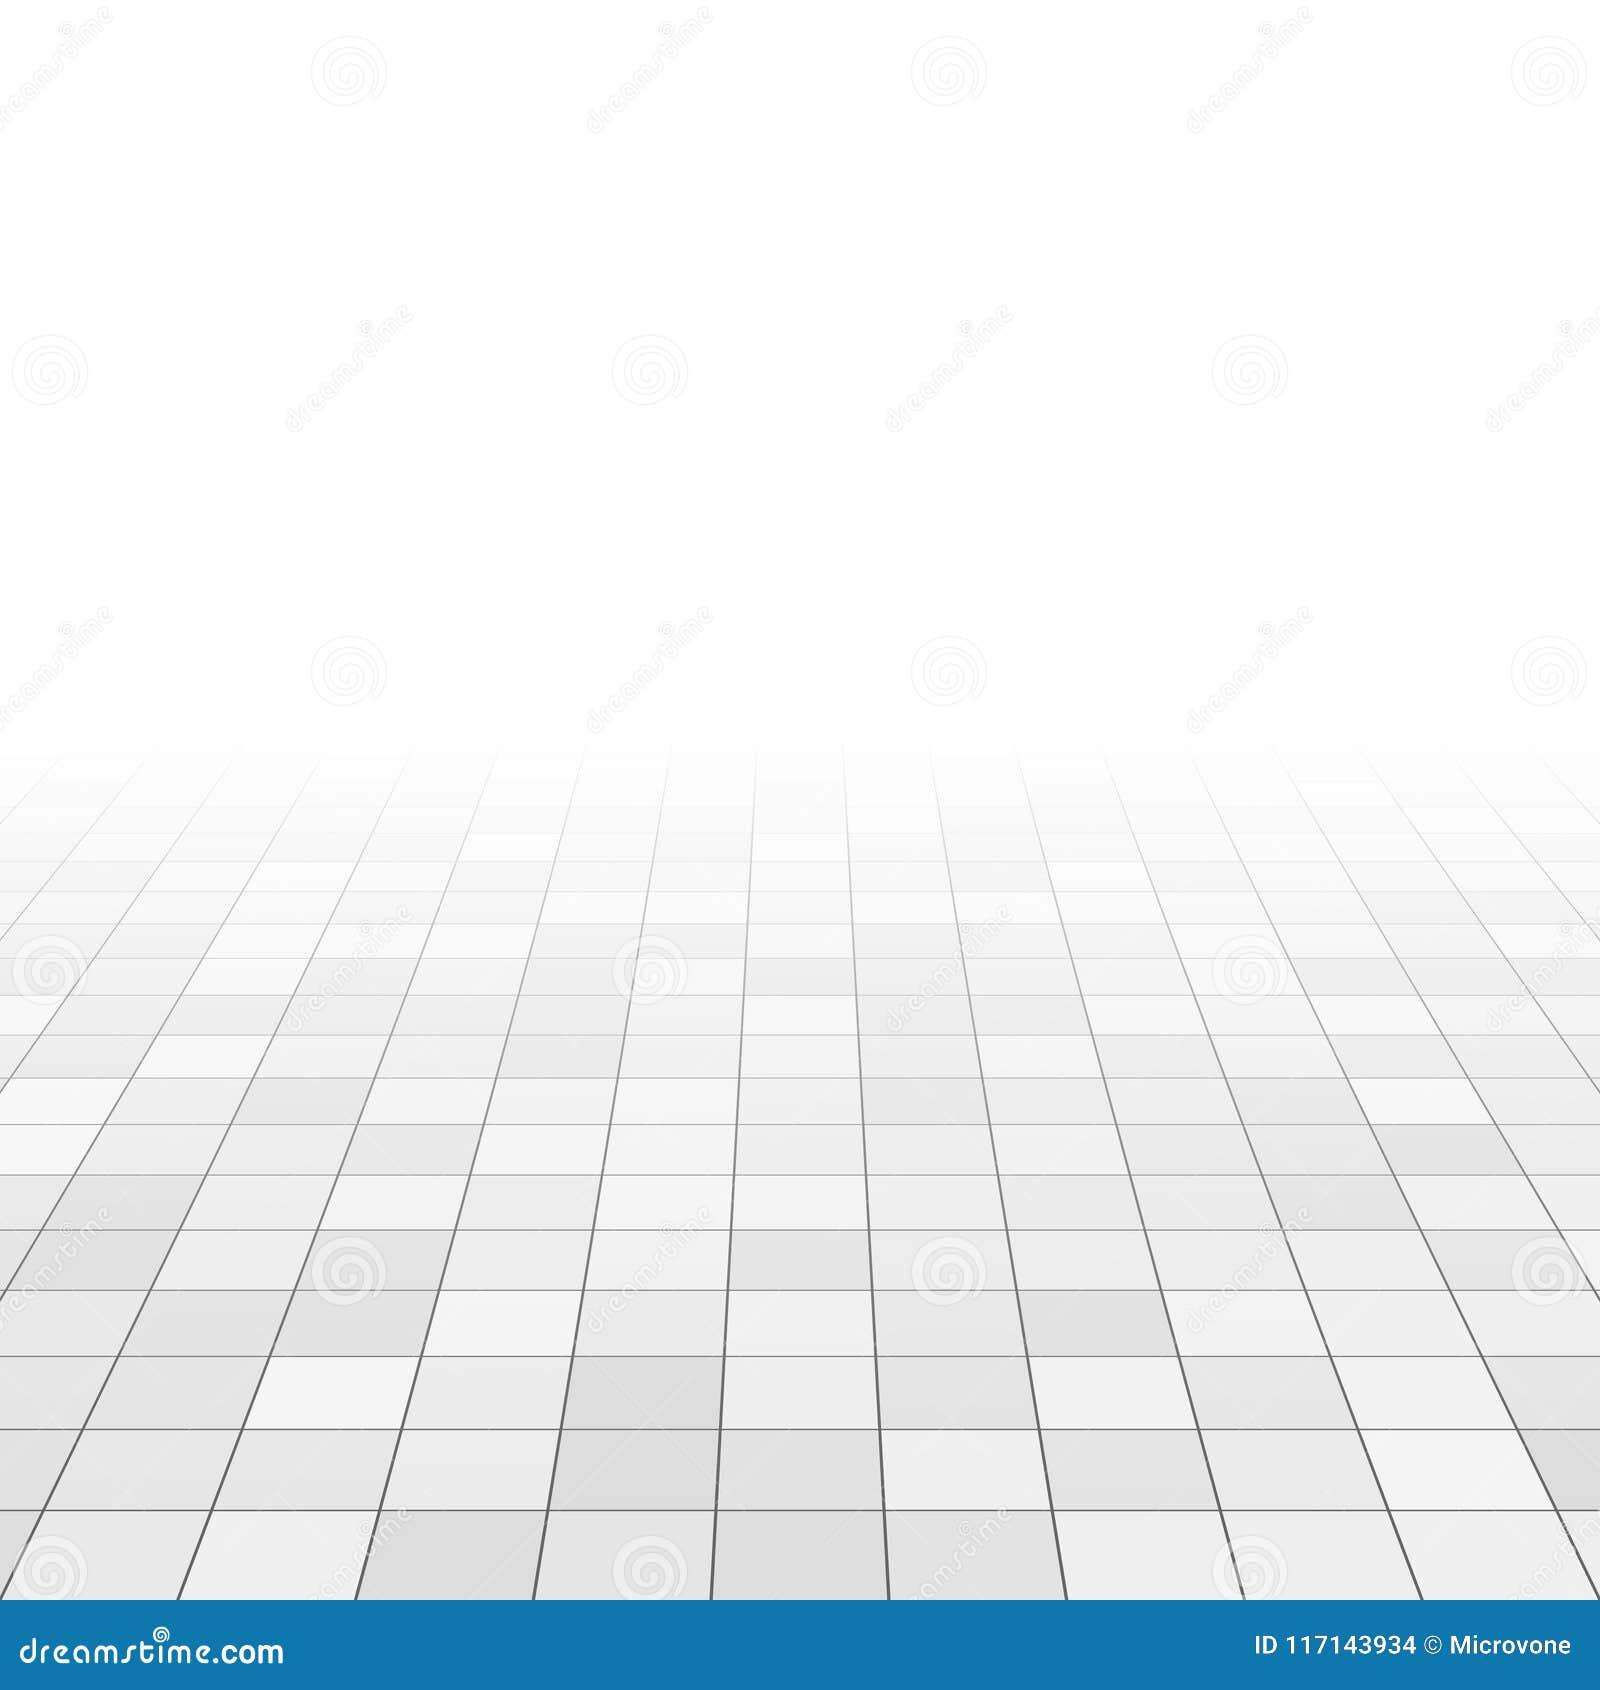 Vit och grå färger marmorerar tegelplattor på badrumgolv Rektangeltegelplattor i perspektivraster abstrakt bakgrundsvektor